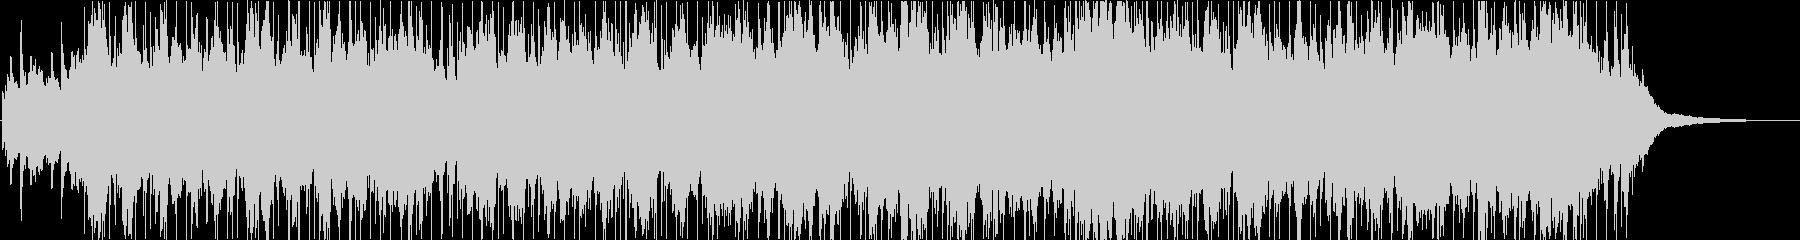 【生演奏】ほのぼのゆったりのバイオリン曲の未再生の波形